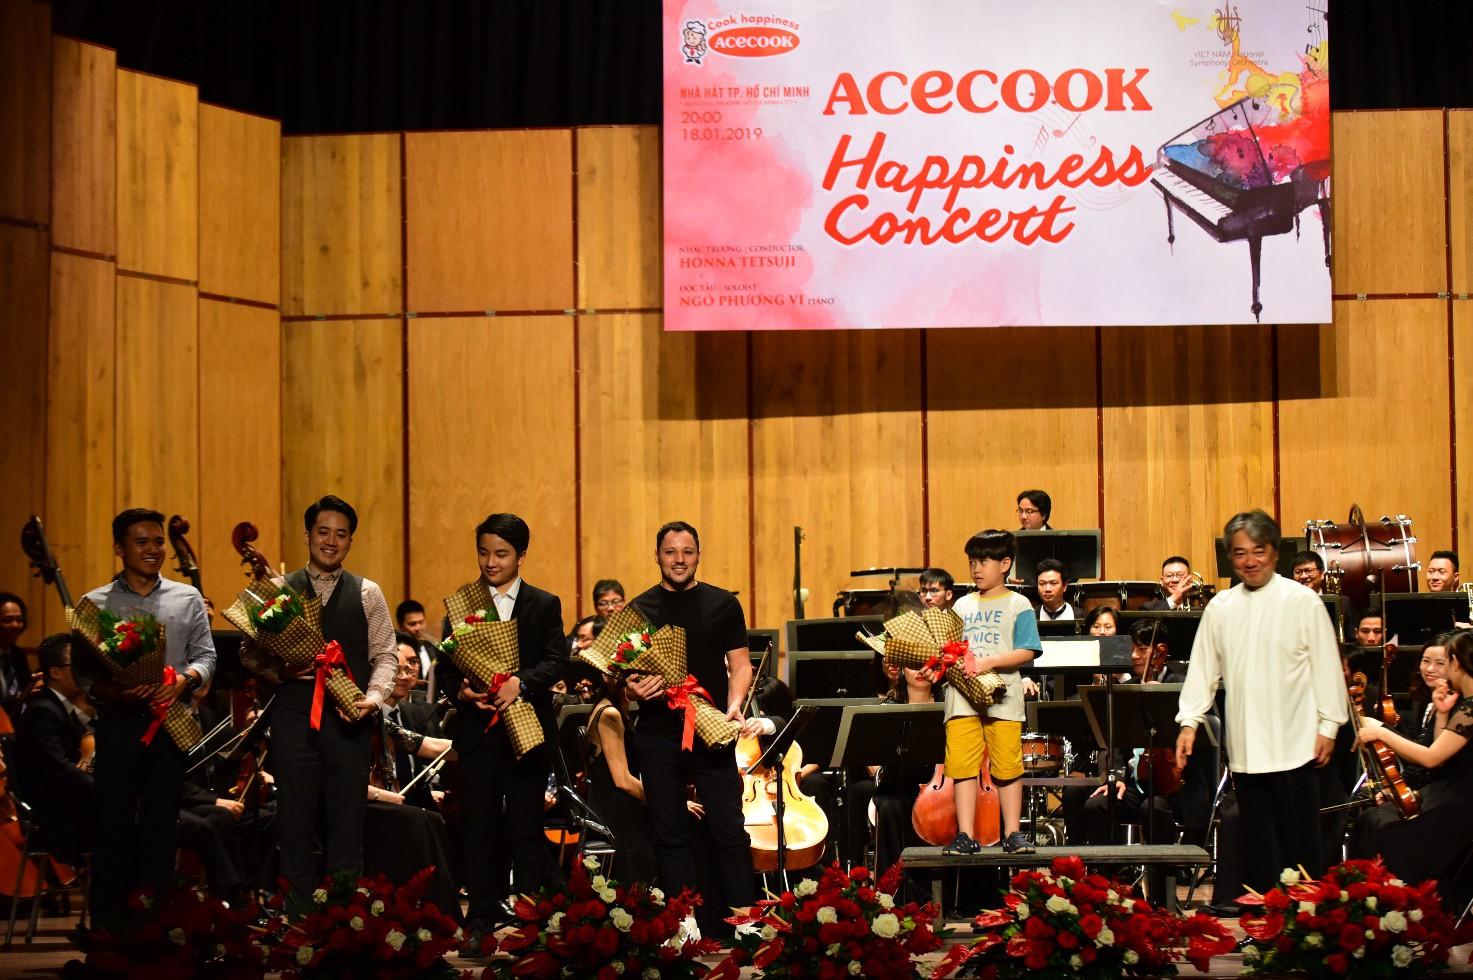 Acecook Việt Nam đem nhạc giao hưởng đến gần công chúng: đường dài lan toả hạnh phúc - Ảnh 5.